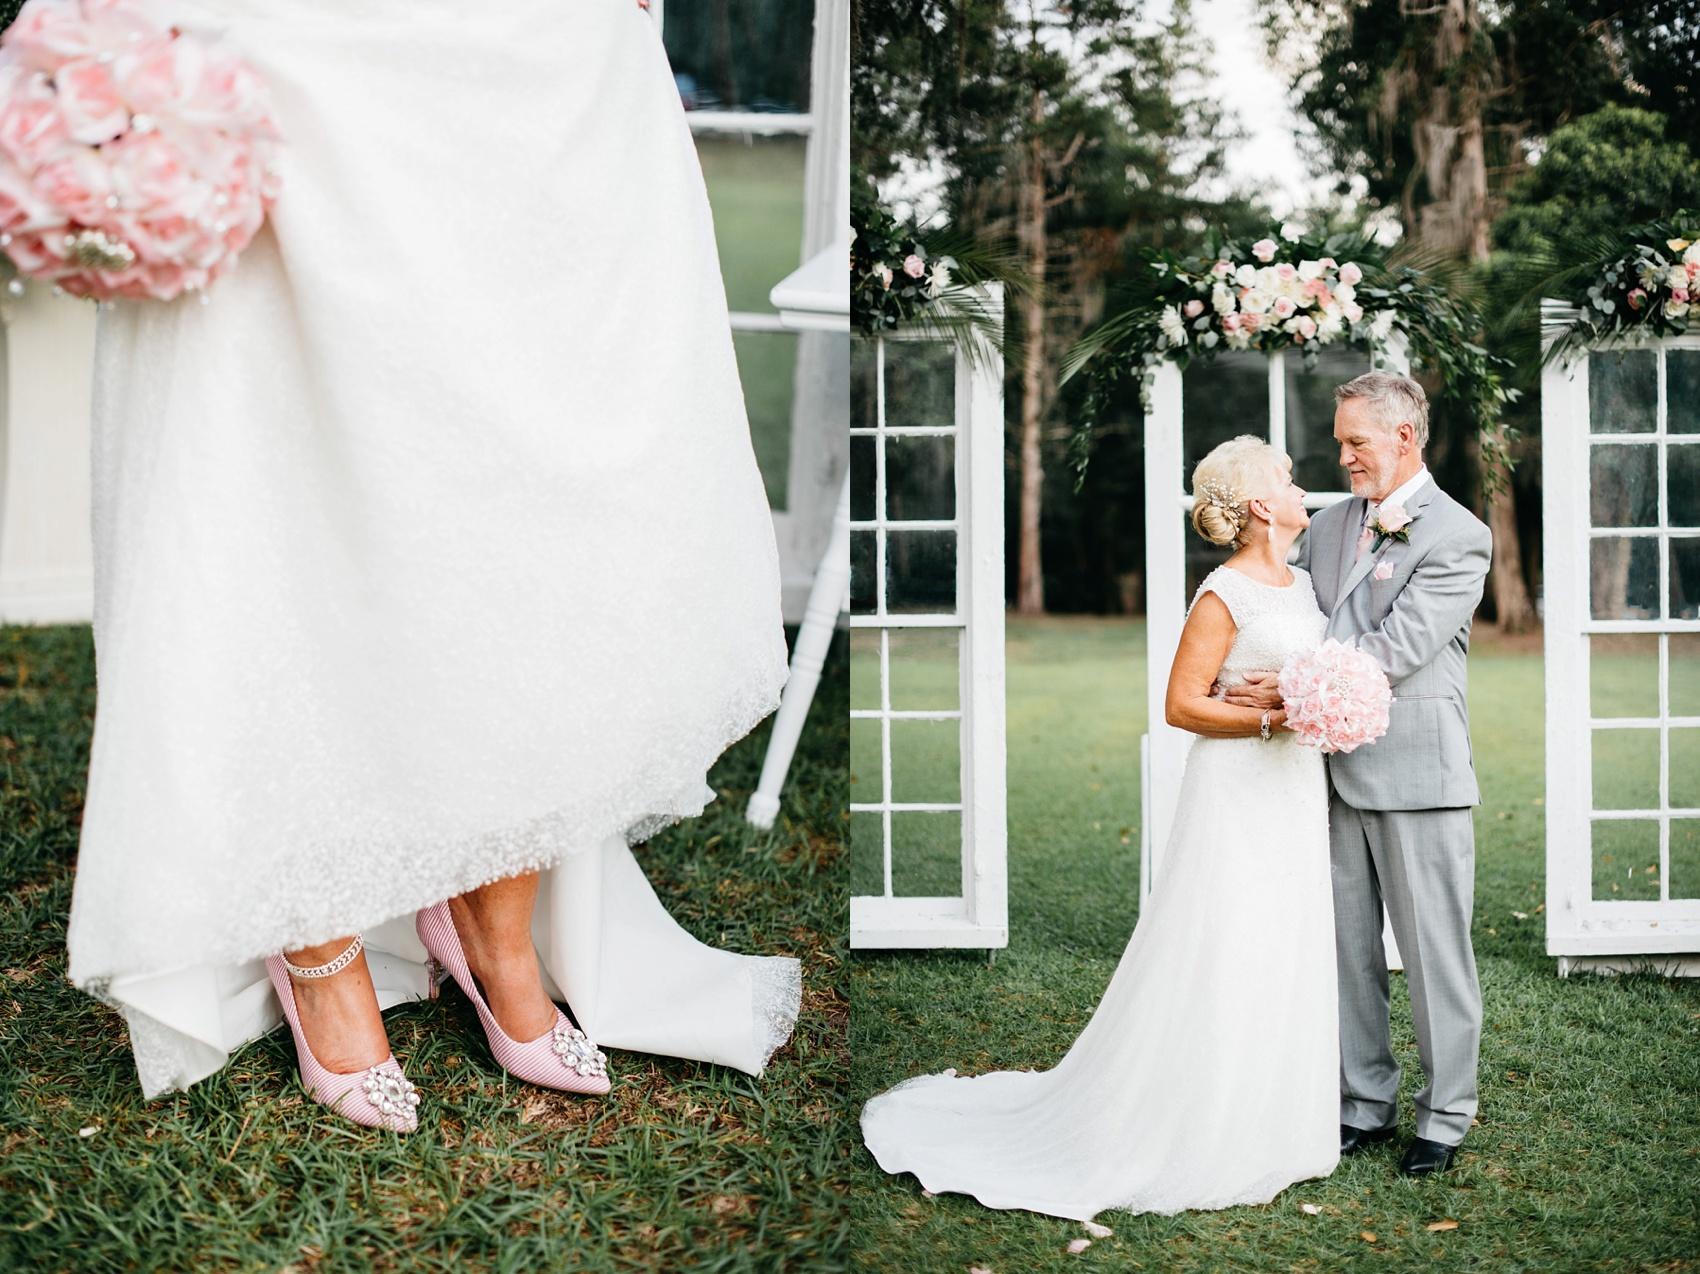 stillco_wedding_3267.jpg